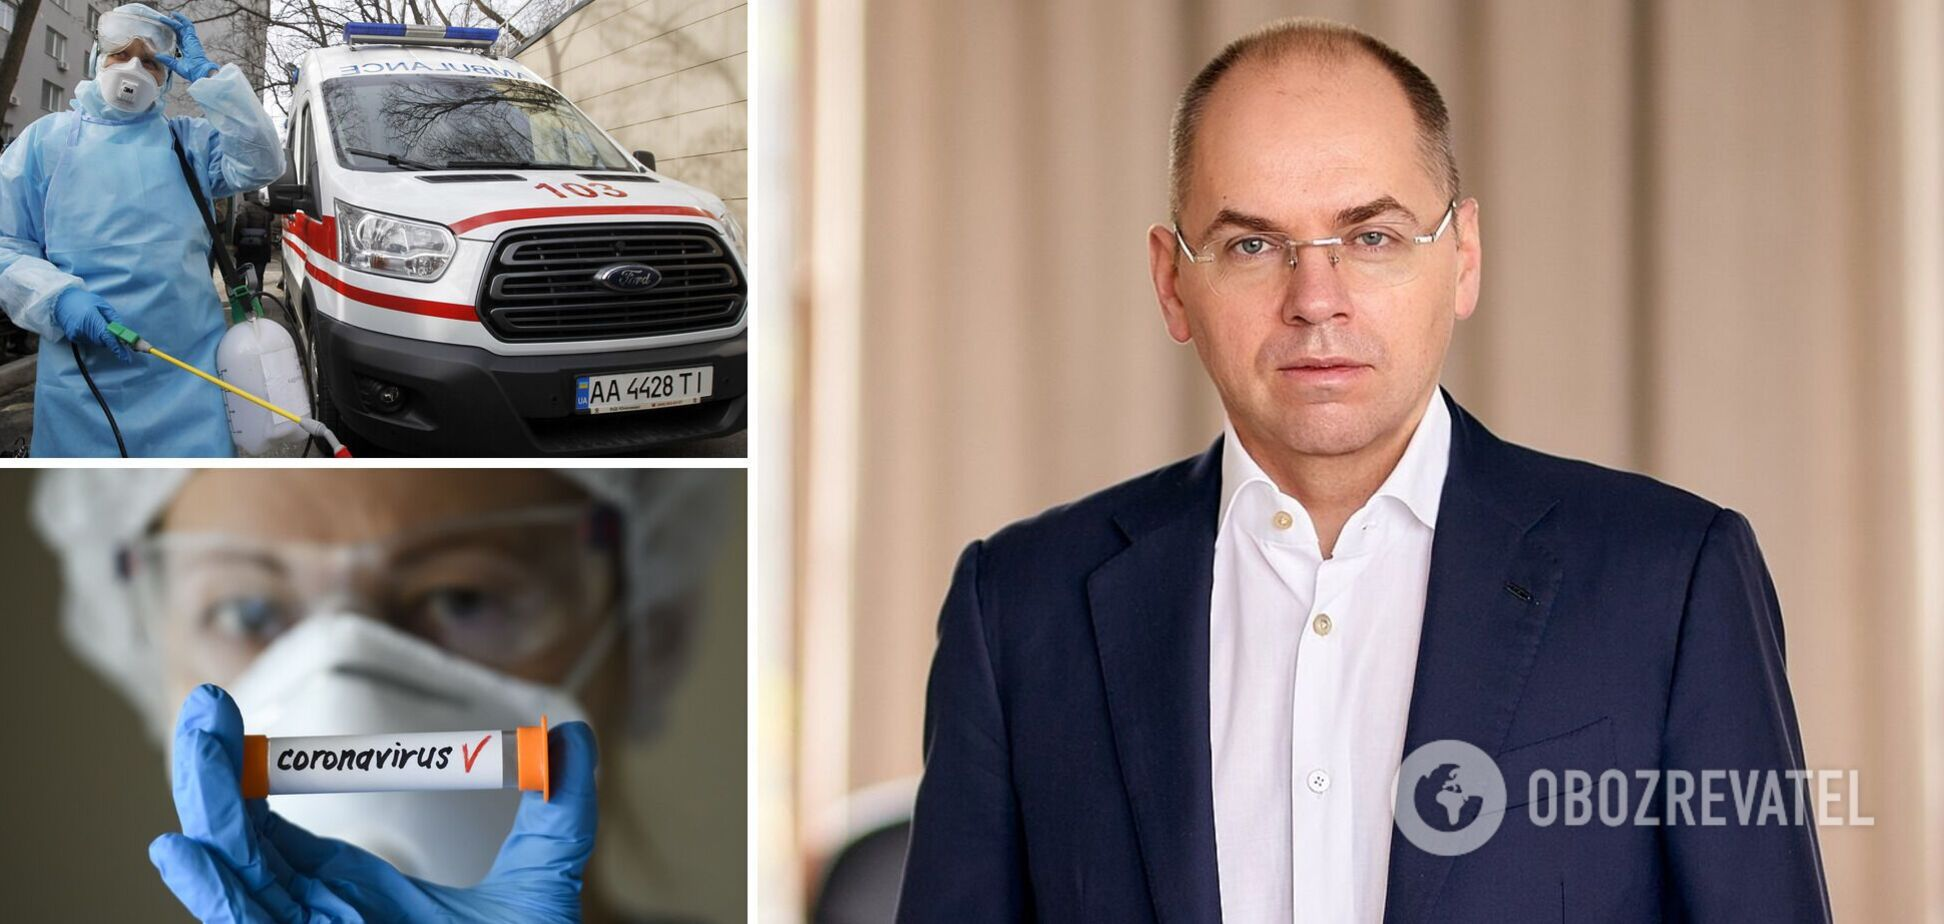 Міністр охорони здоров'я Максим Степанов розповів про нові штами коронавірусу в Україні